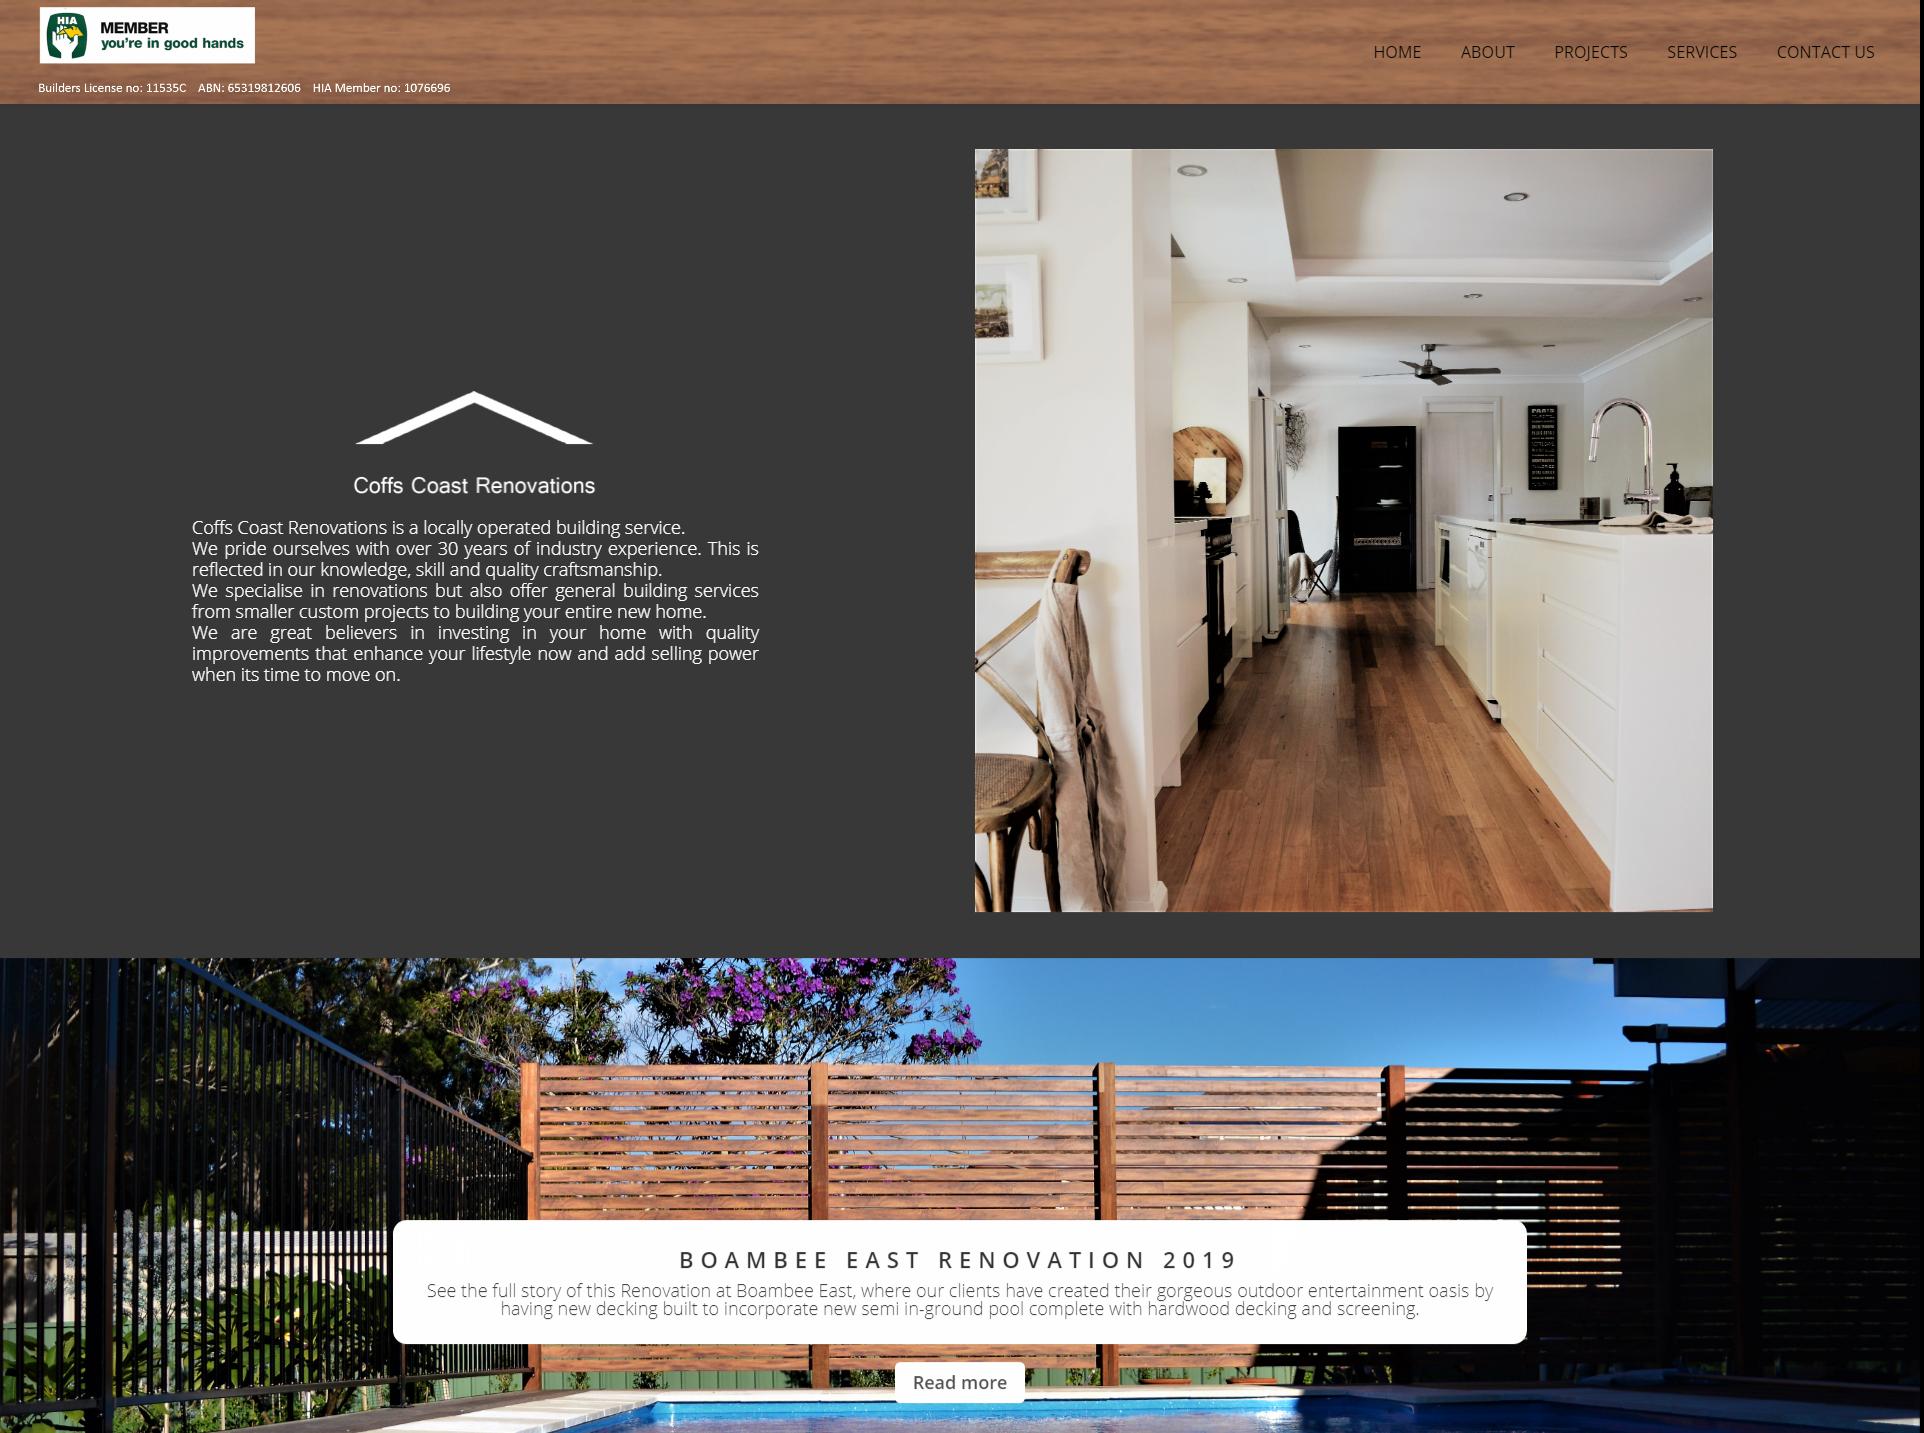 Coffs coast renovations website